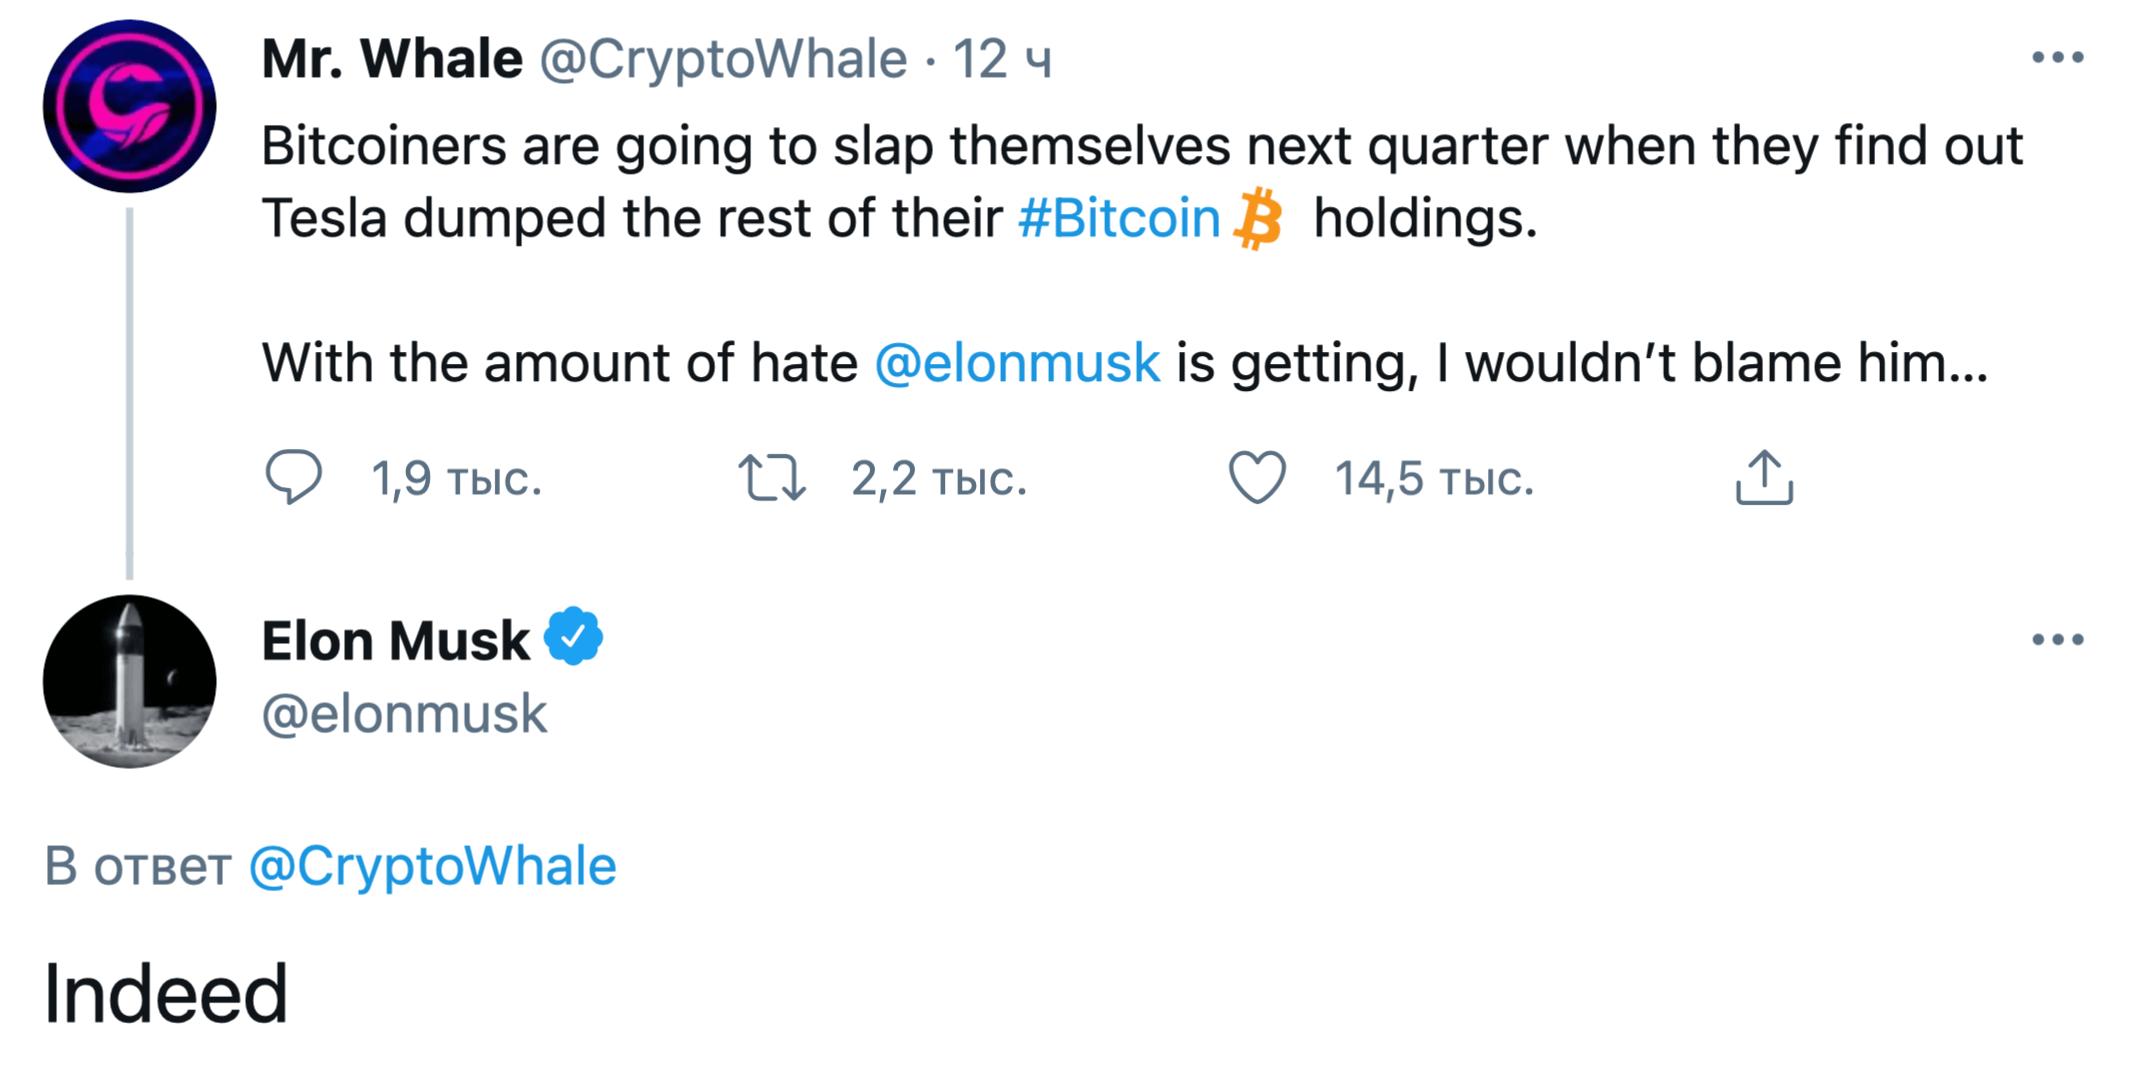 биткоин твит криптовалюты